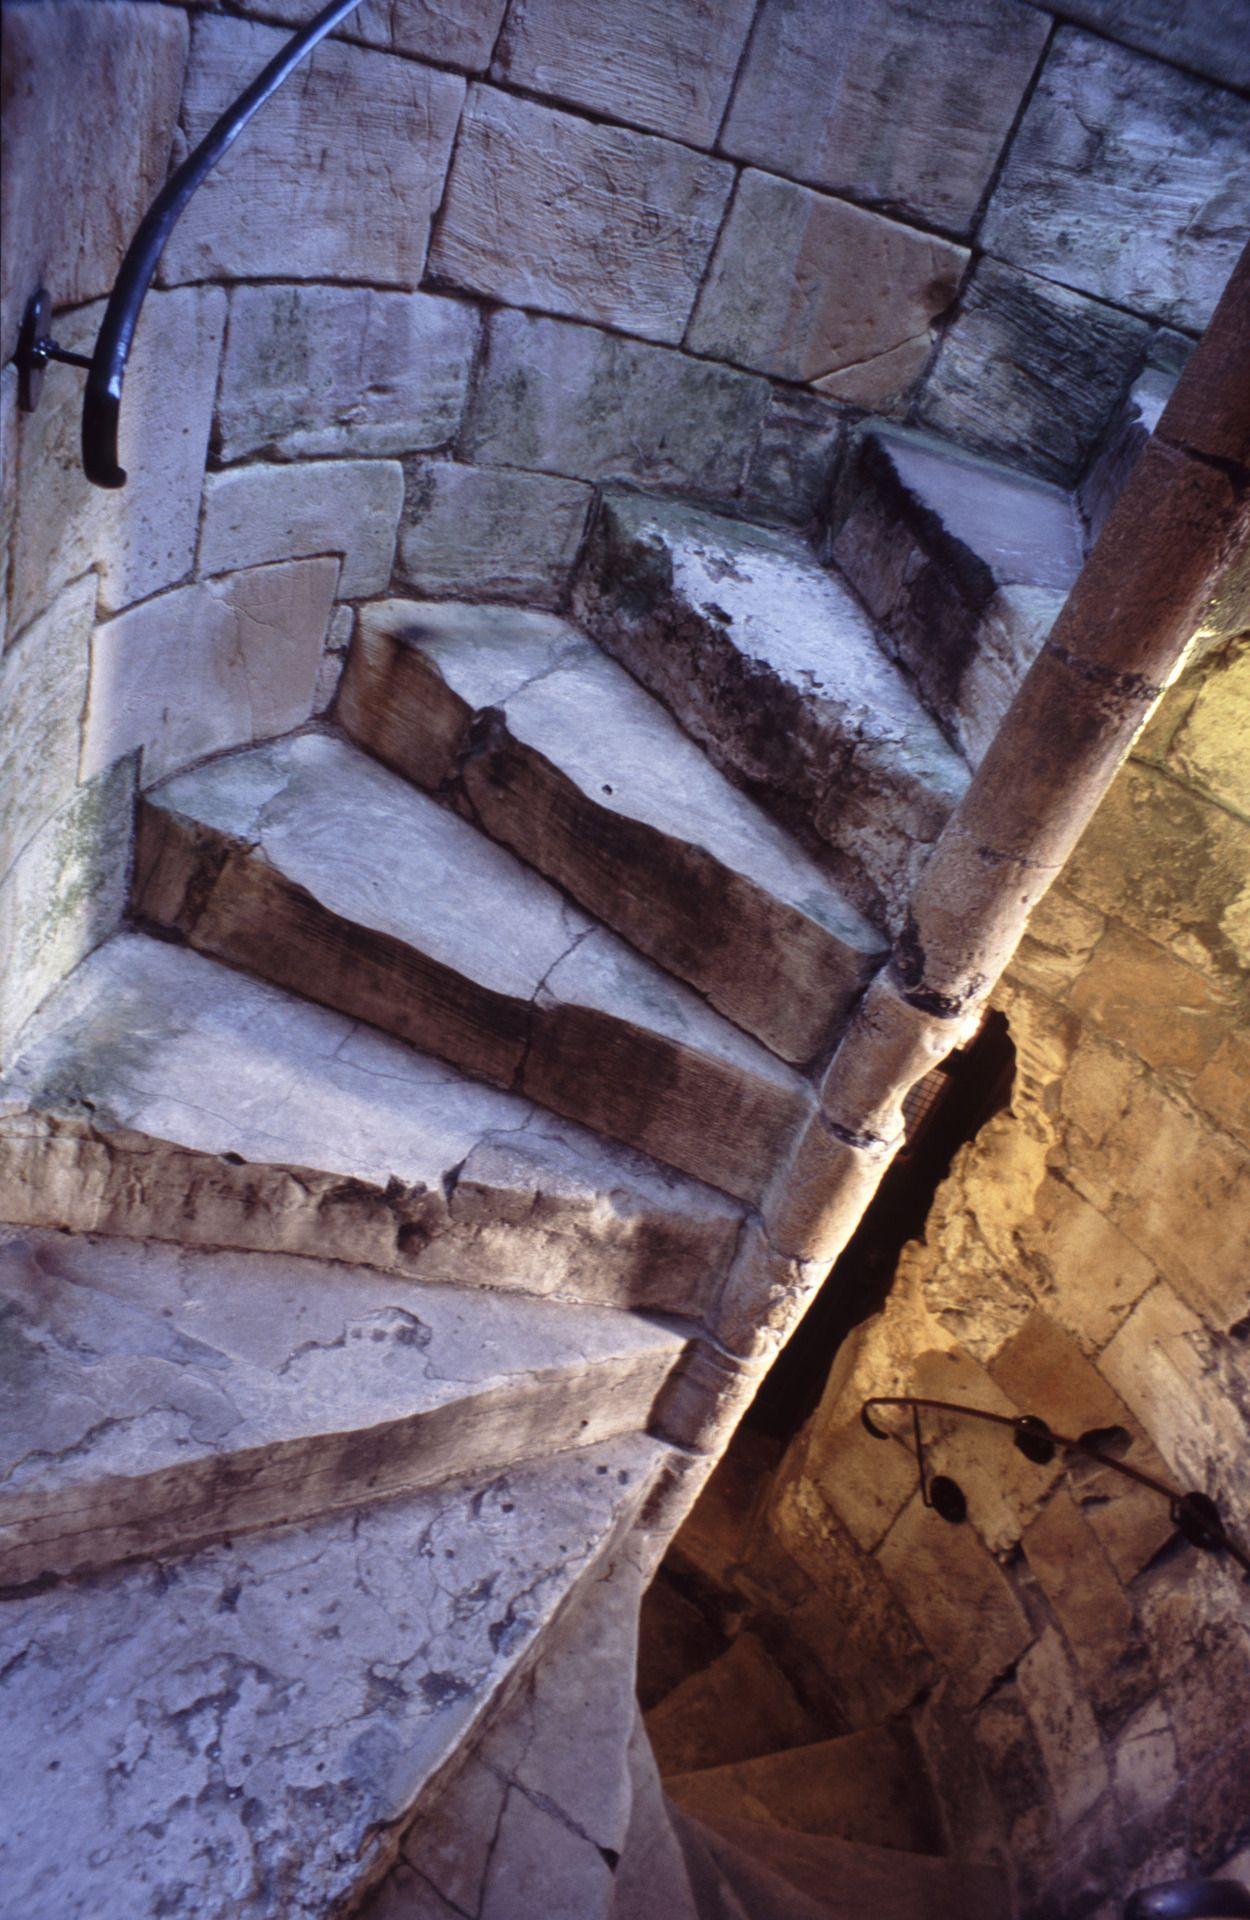 Gissler interiordesign arq12 escaleras pinterest for Escaleras juego de tronos